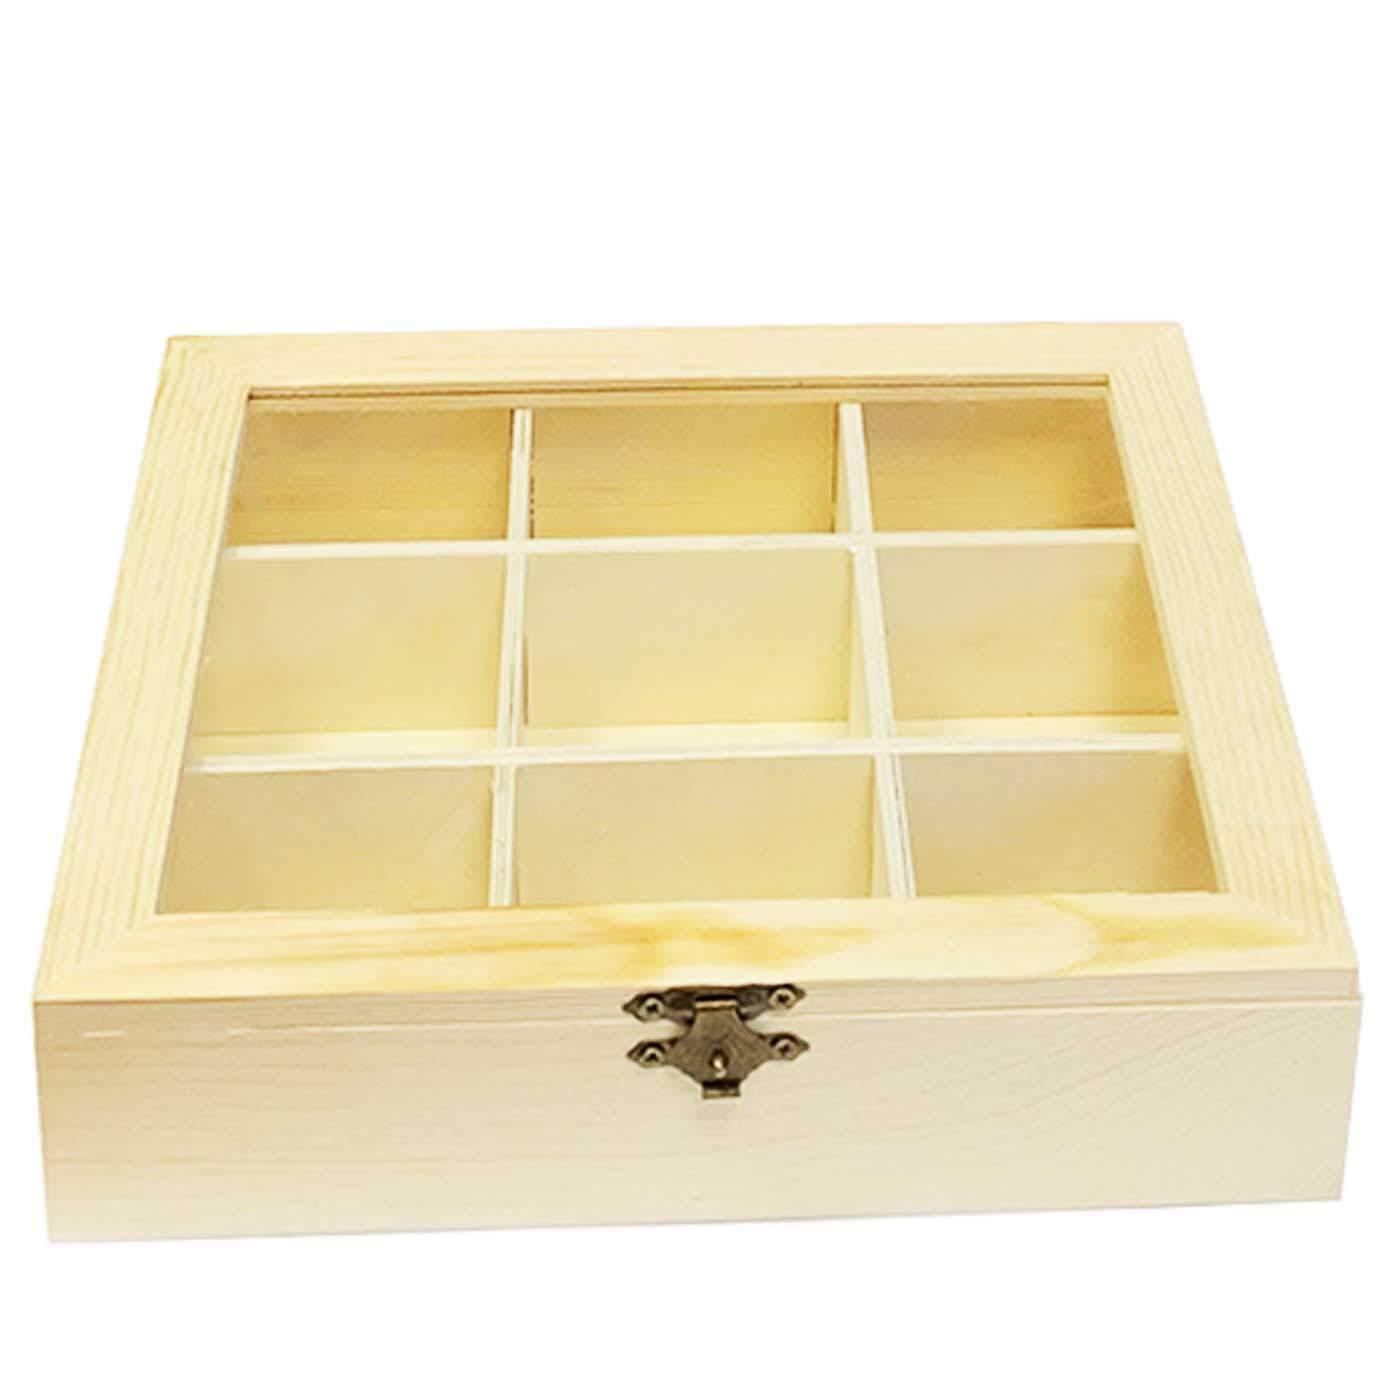 Caja de madera natural 9 compartimentos con tapa de cristal y cierre metálico 4.8 x 21.5 x 18 cm: Amazon.es: Hogar